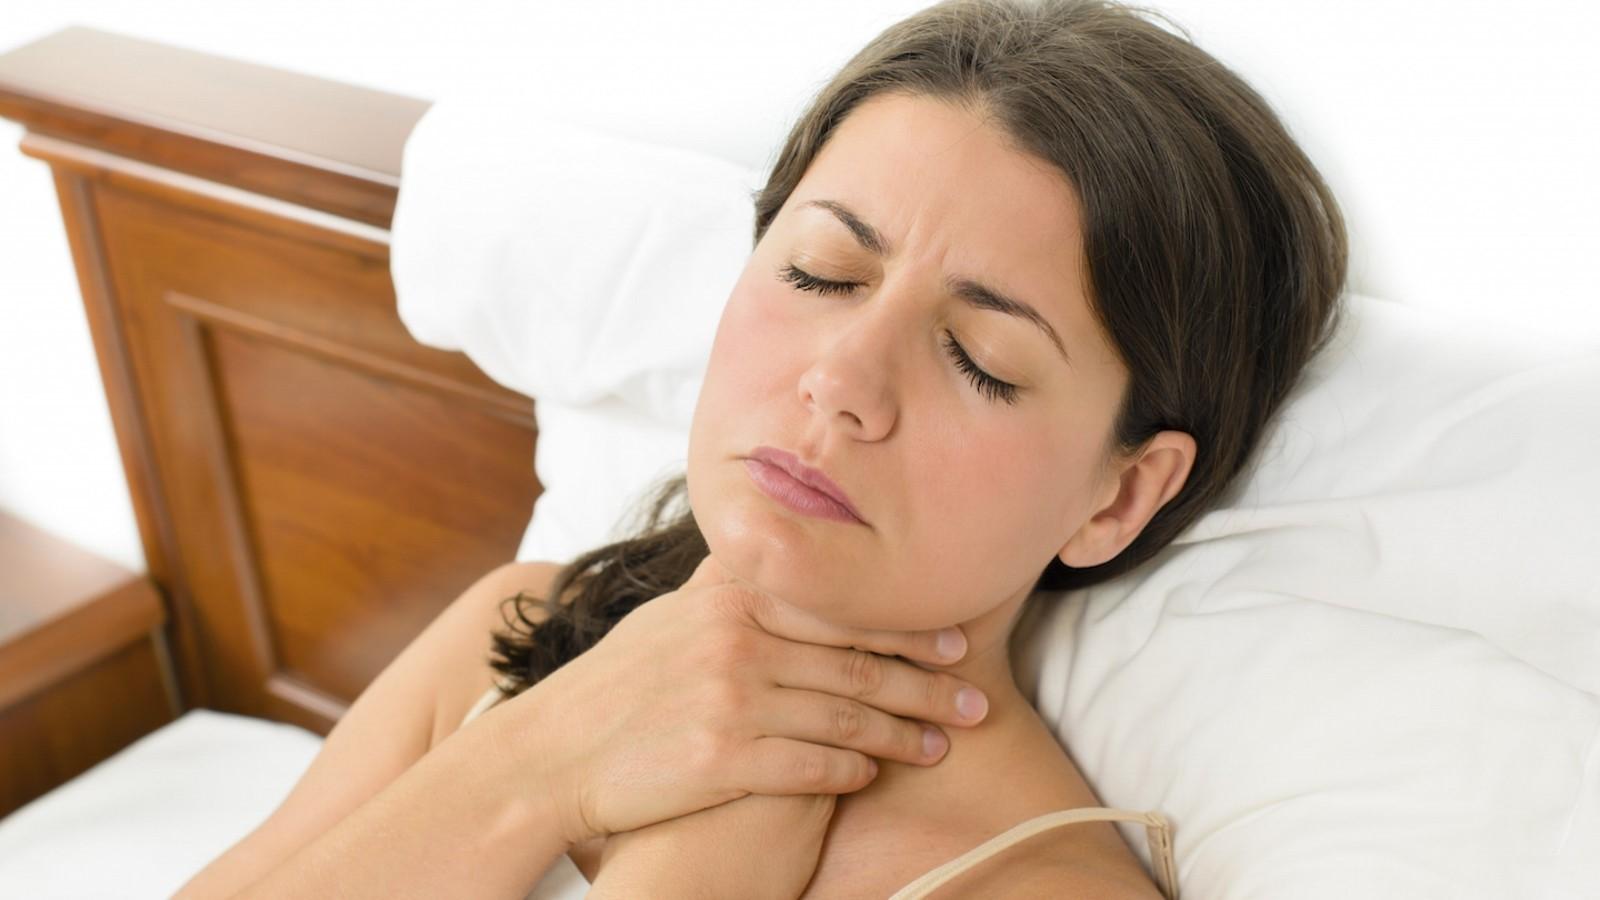 Боль в горле появляется обычно неожиданно и избавиться от нее хочется как можно быстрее